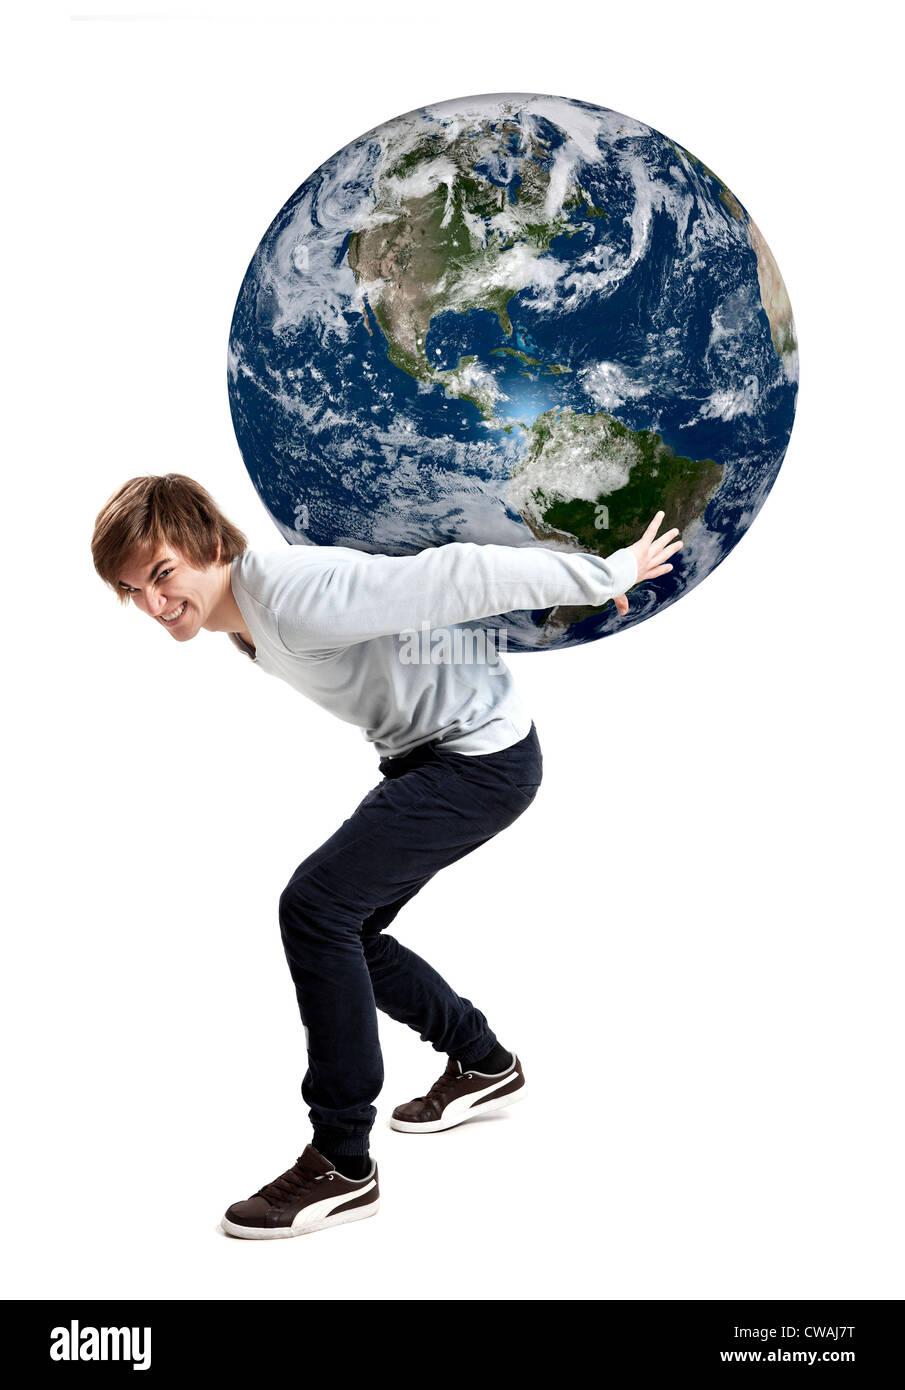 Beau jeune homme prendre soin de la planète Terre sur son dos, isolated on white Photo Stock